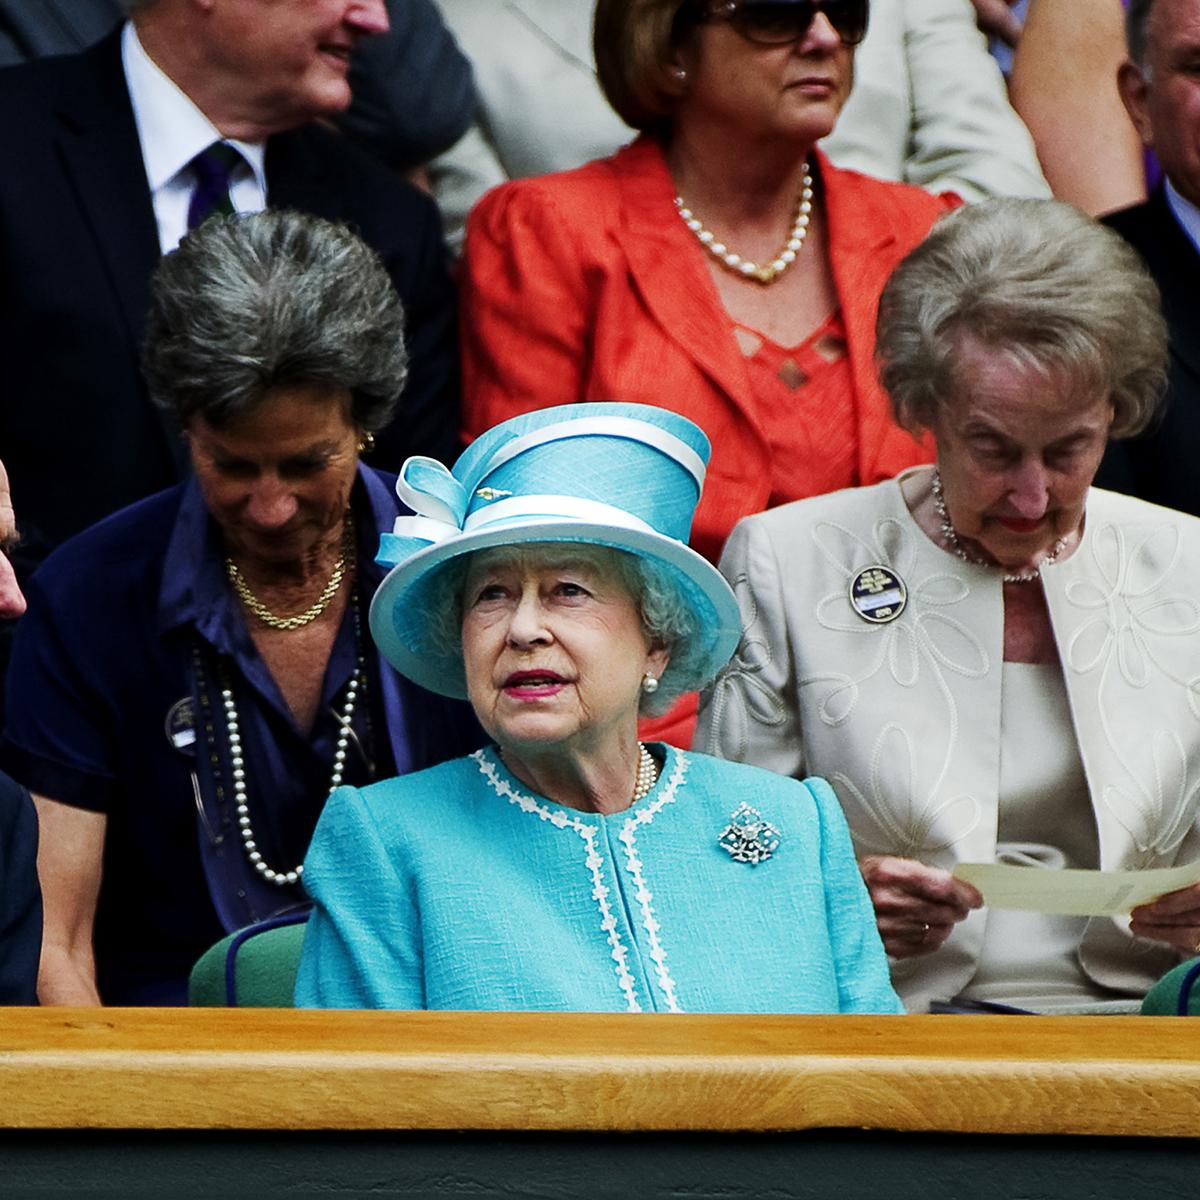 Queen Elizabeth II, England